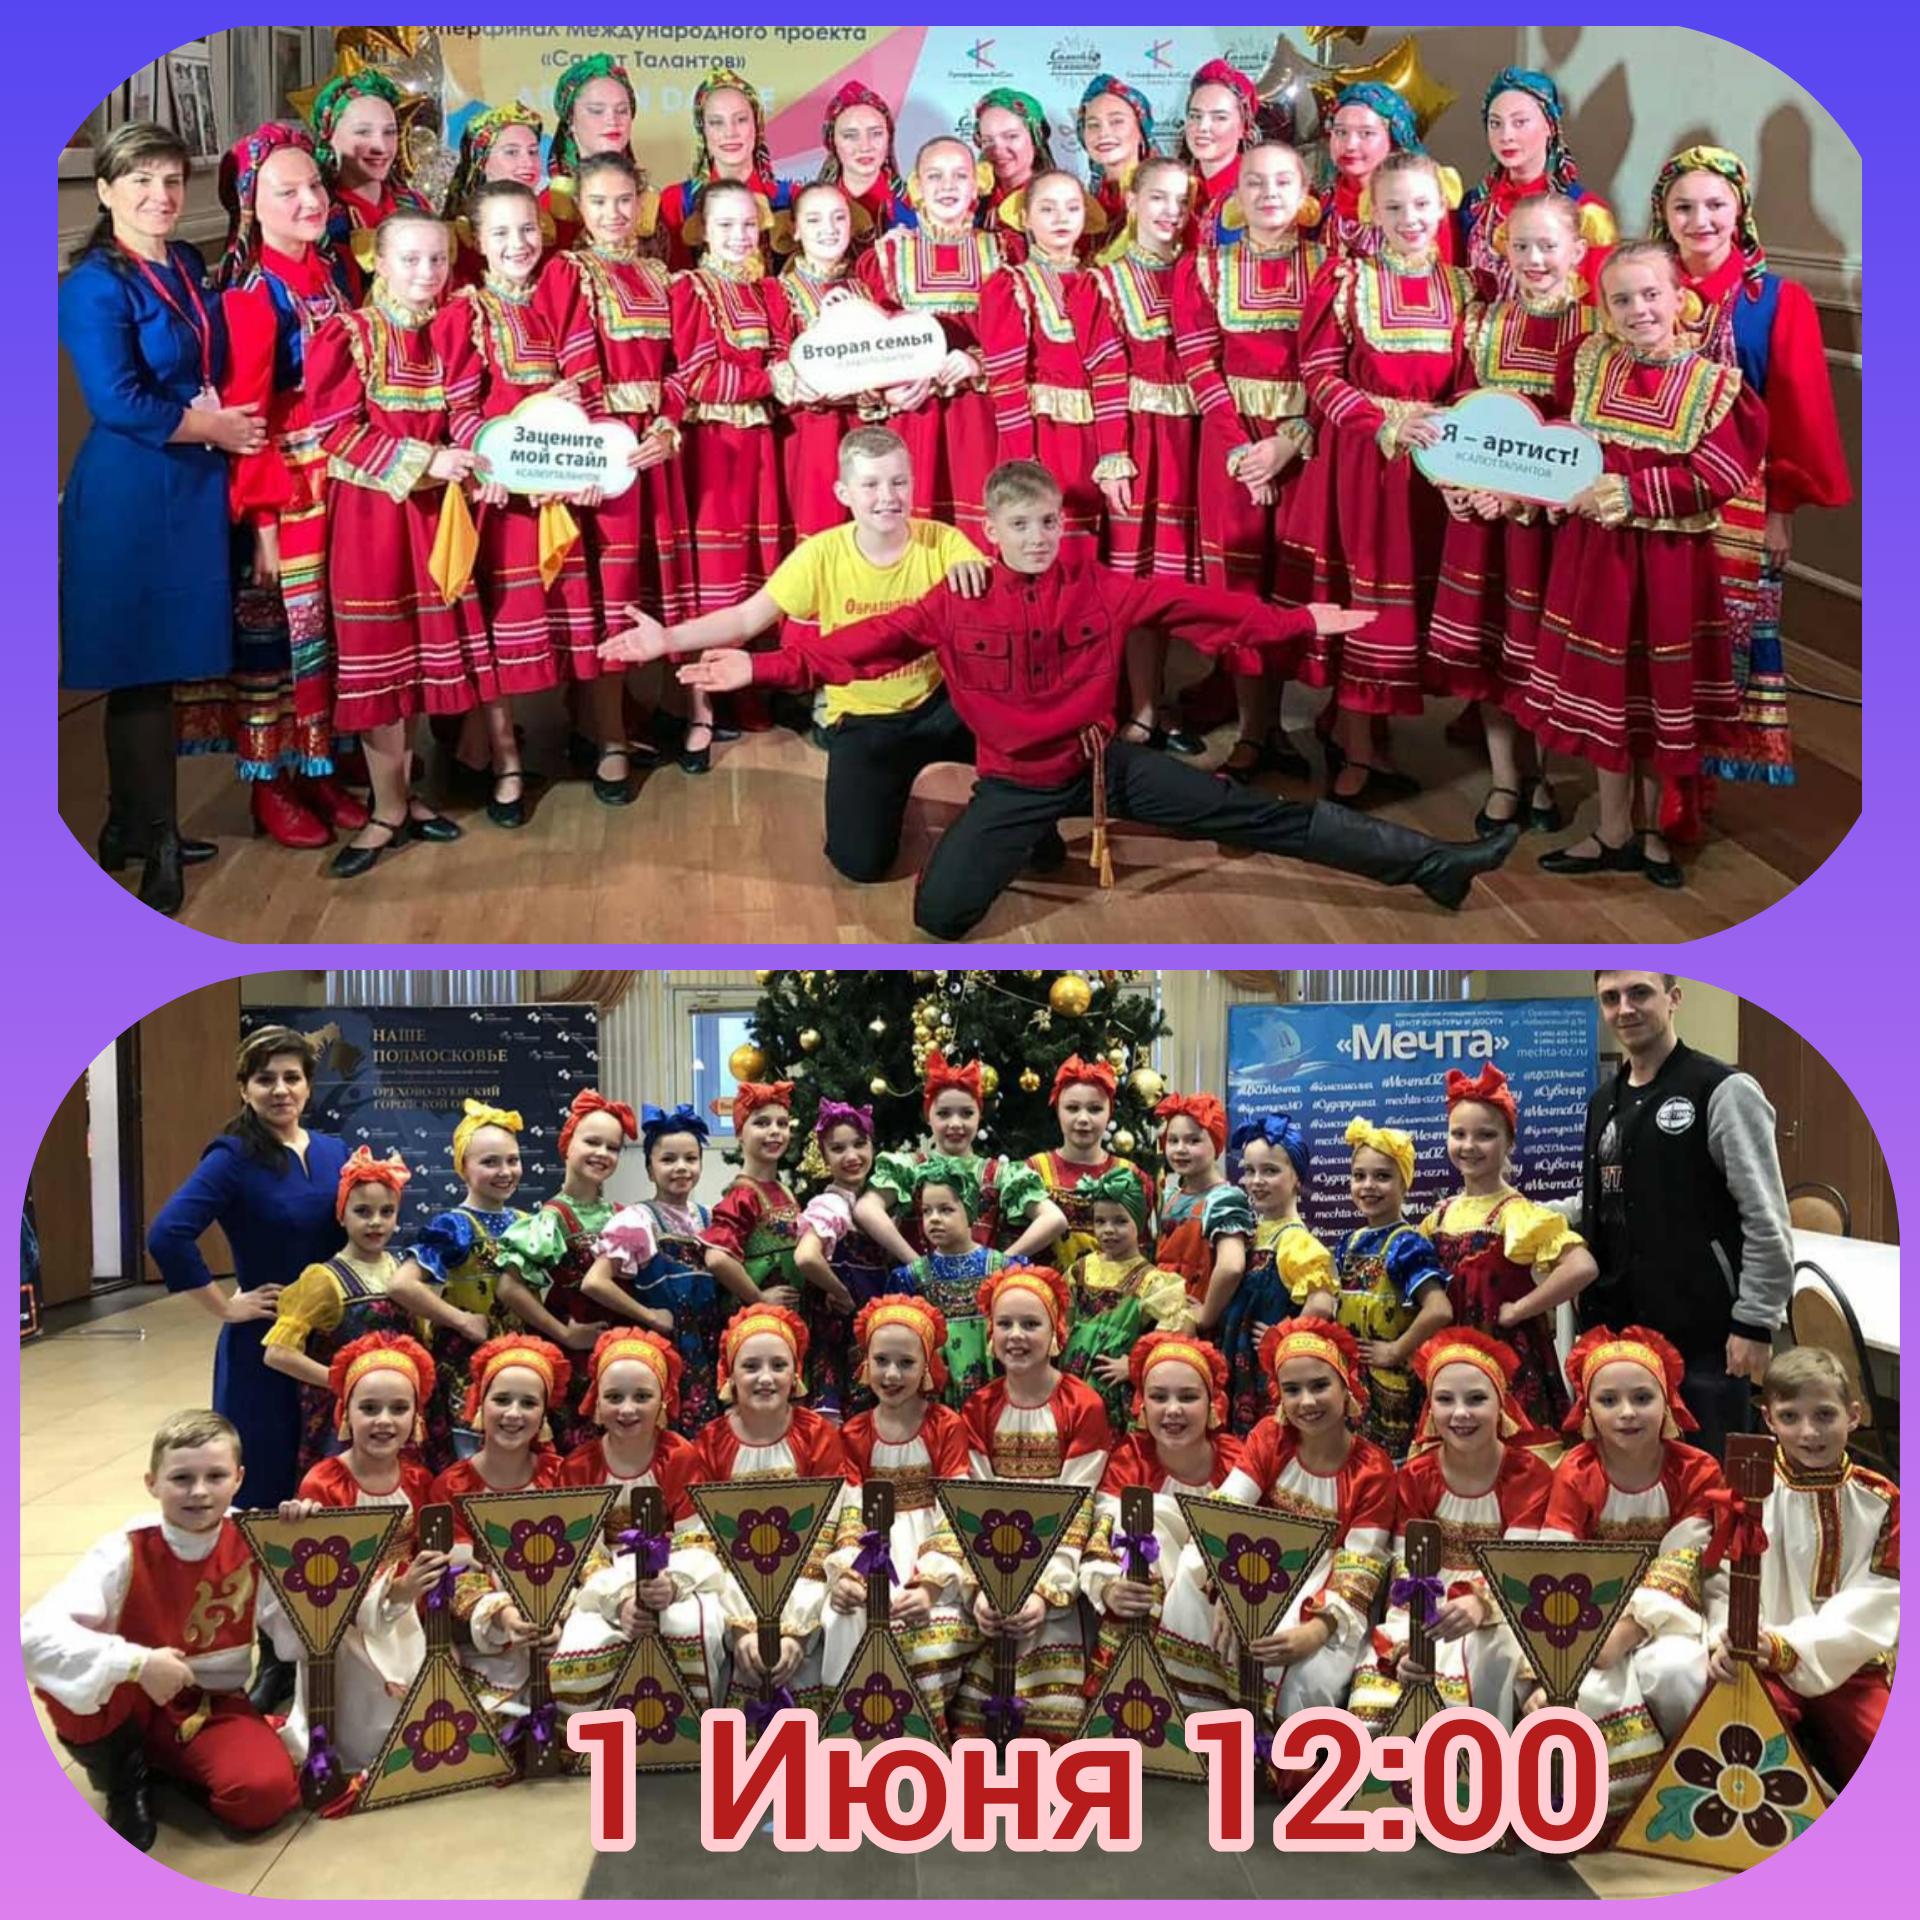 """Премьера 1 Июня в 12:00 на ютуб-канале: """"Сувенир. Жизнь и танец! 10 сезон!"""""""